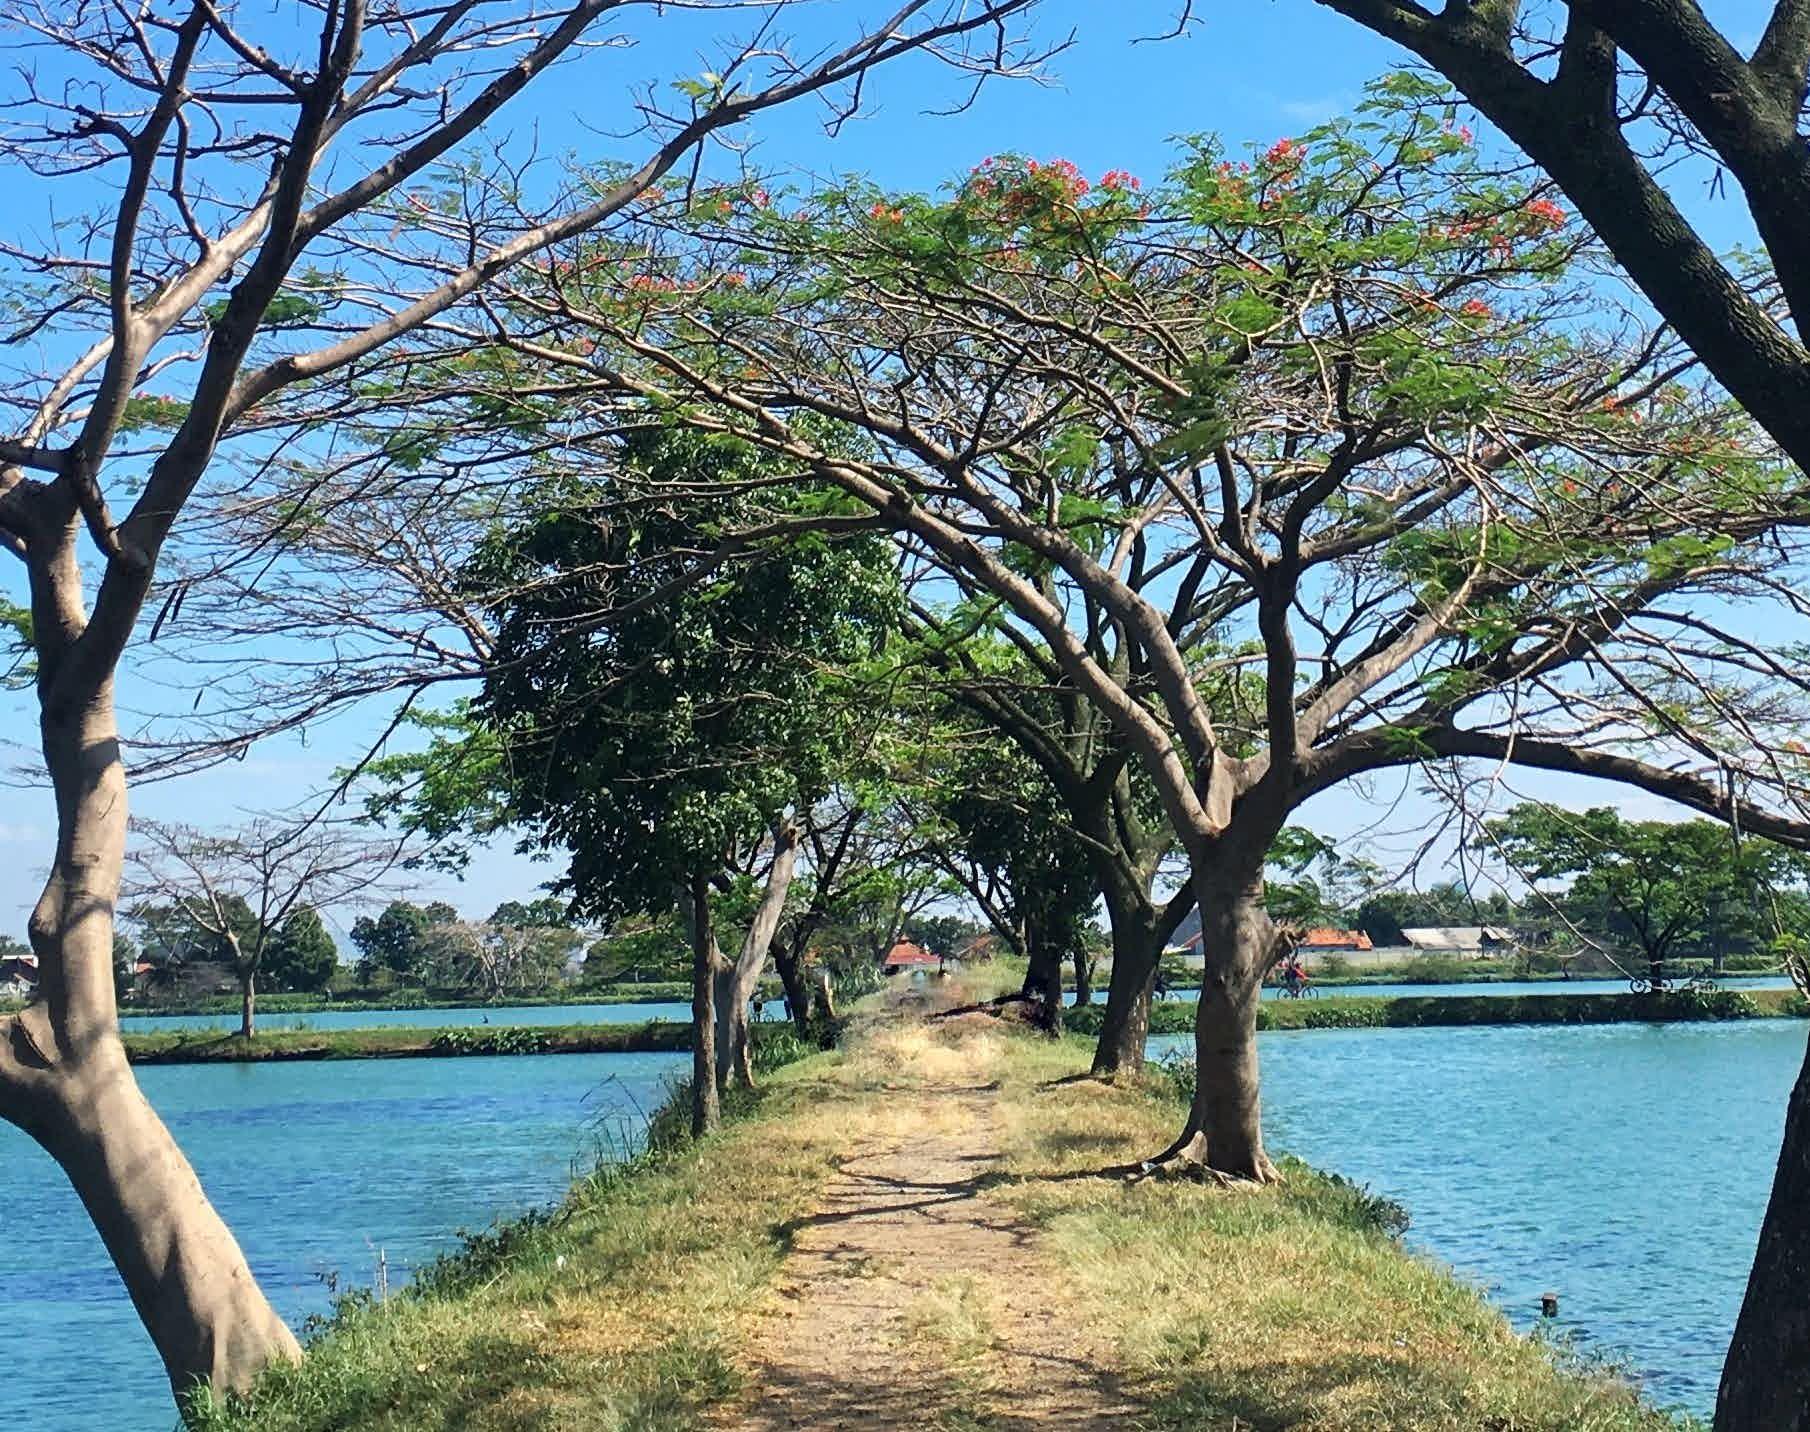 Pengunjung bisa melihat pepohonan di komplek danau IPAL Bojongsoang